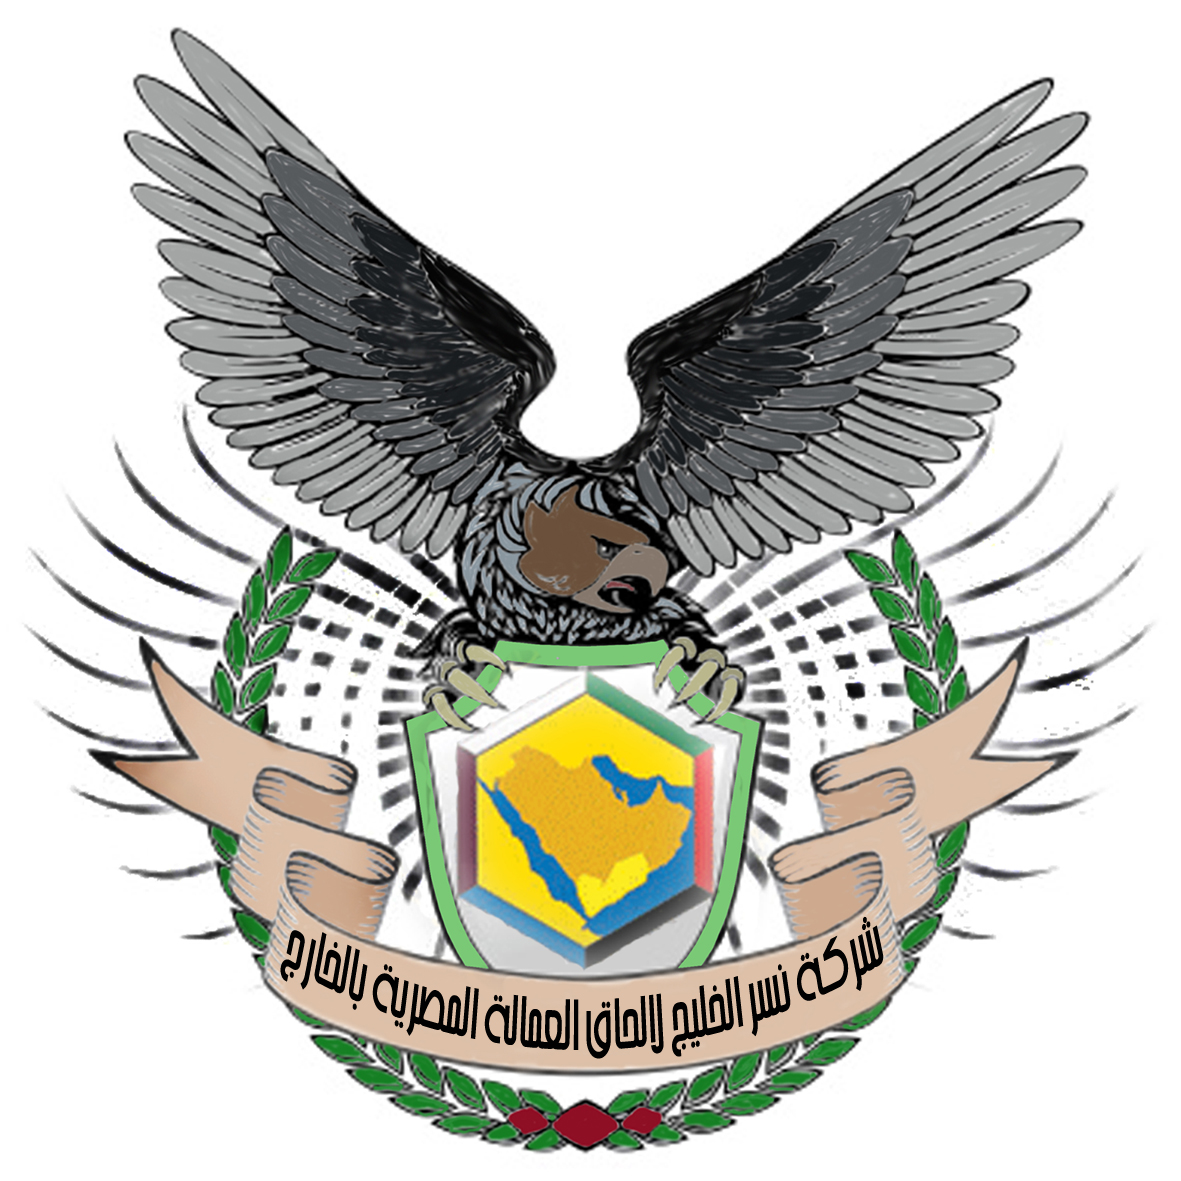 الوظيفة: مدرسات تربية فنية (سلطنة عمان) - المهندسين - الجيزة